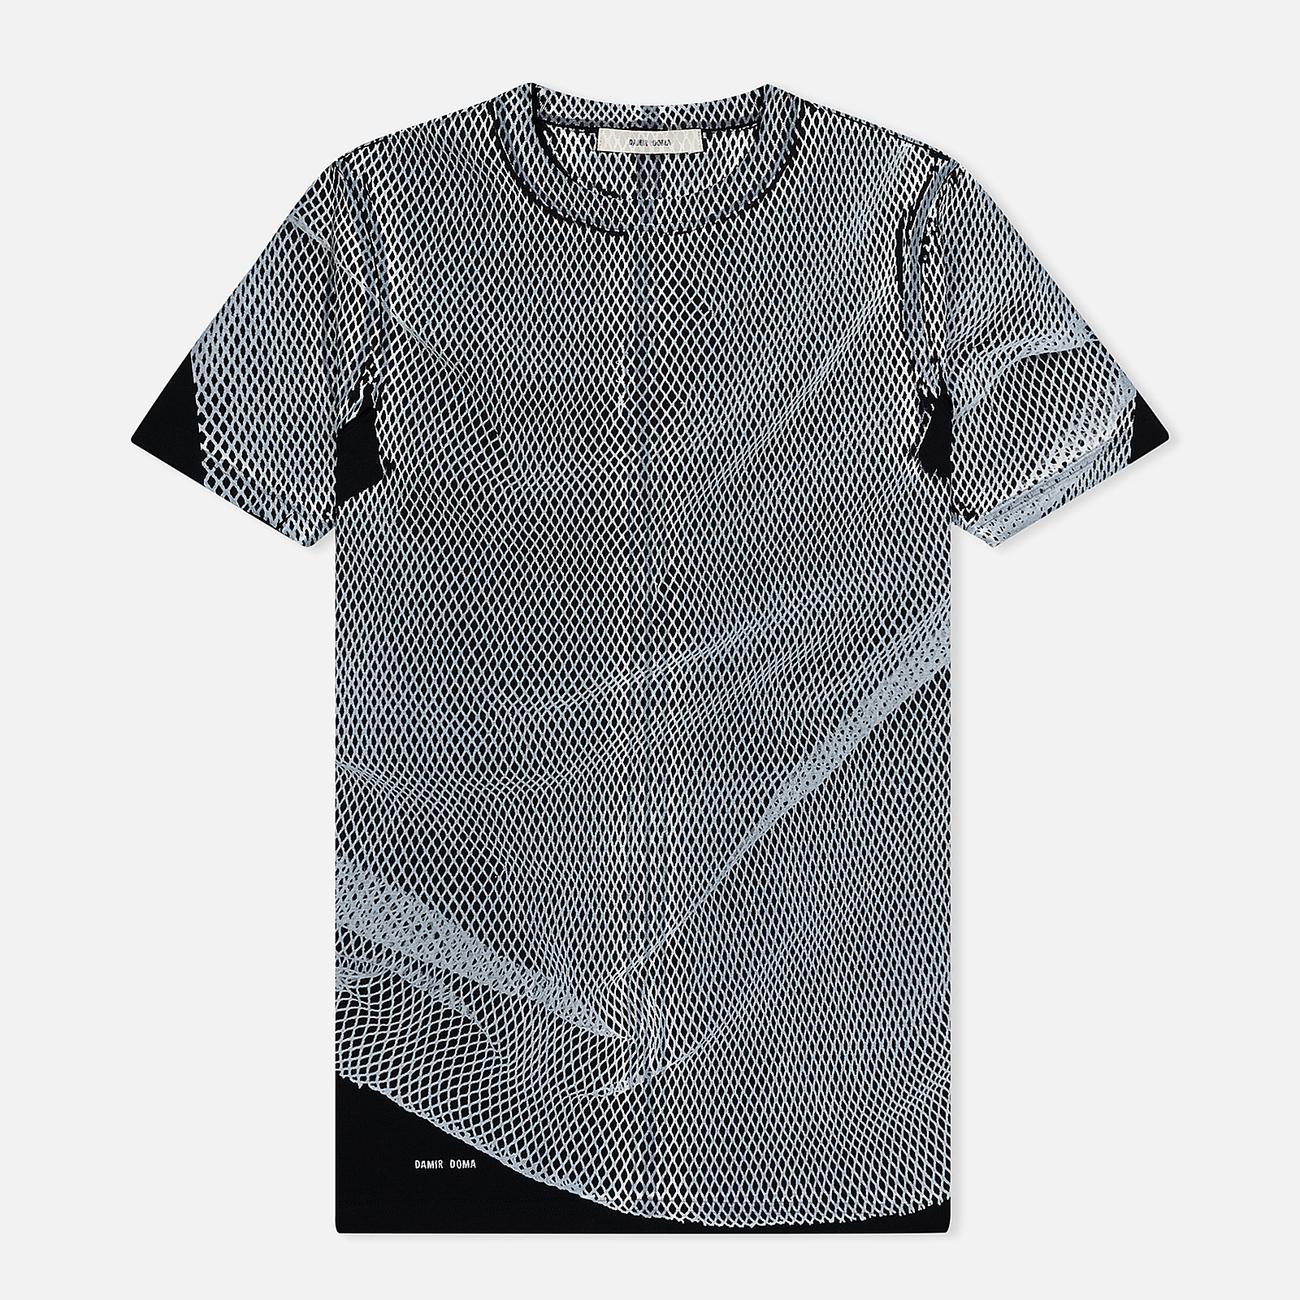 Мужская футболка Damir Doma The Odor N Black